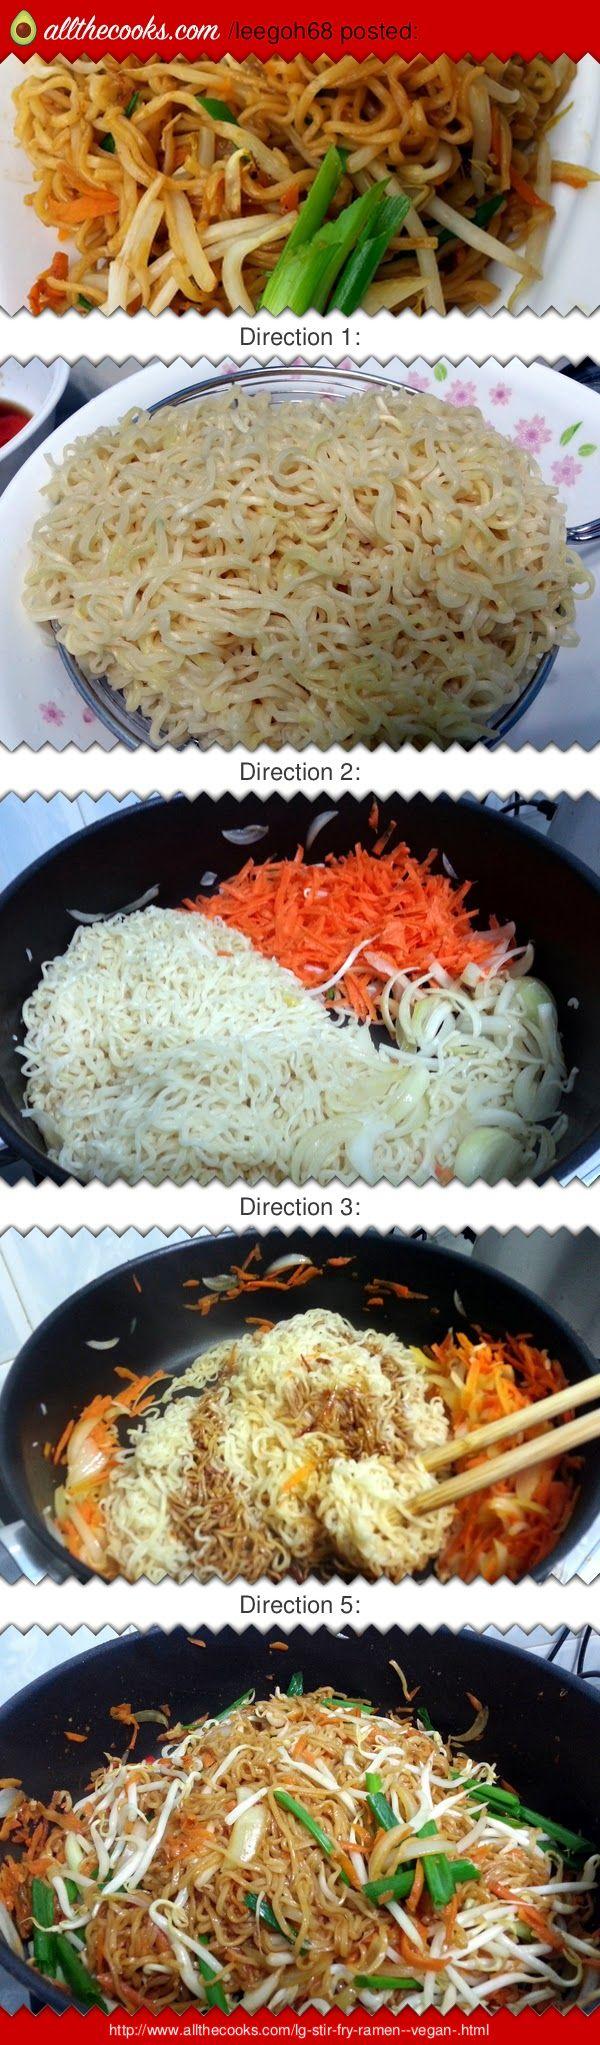 Stir fry ramen just add chicken